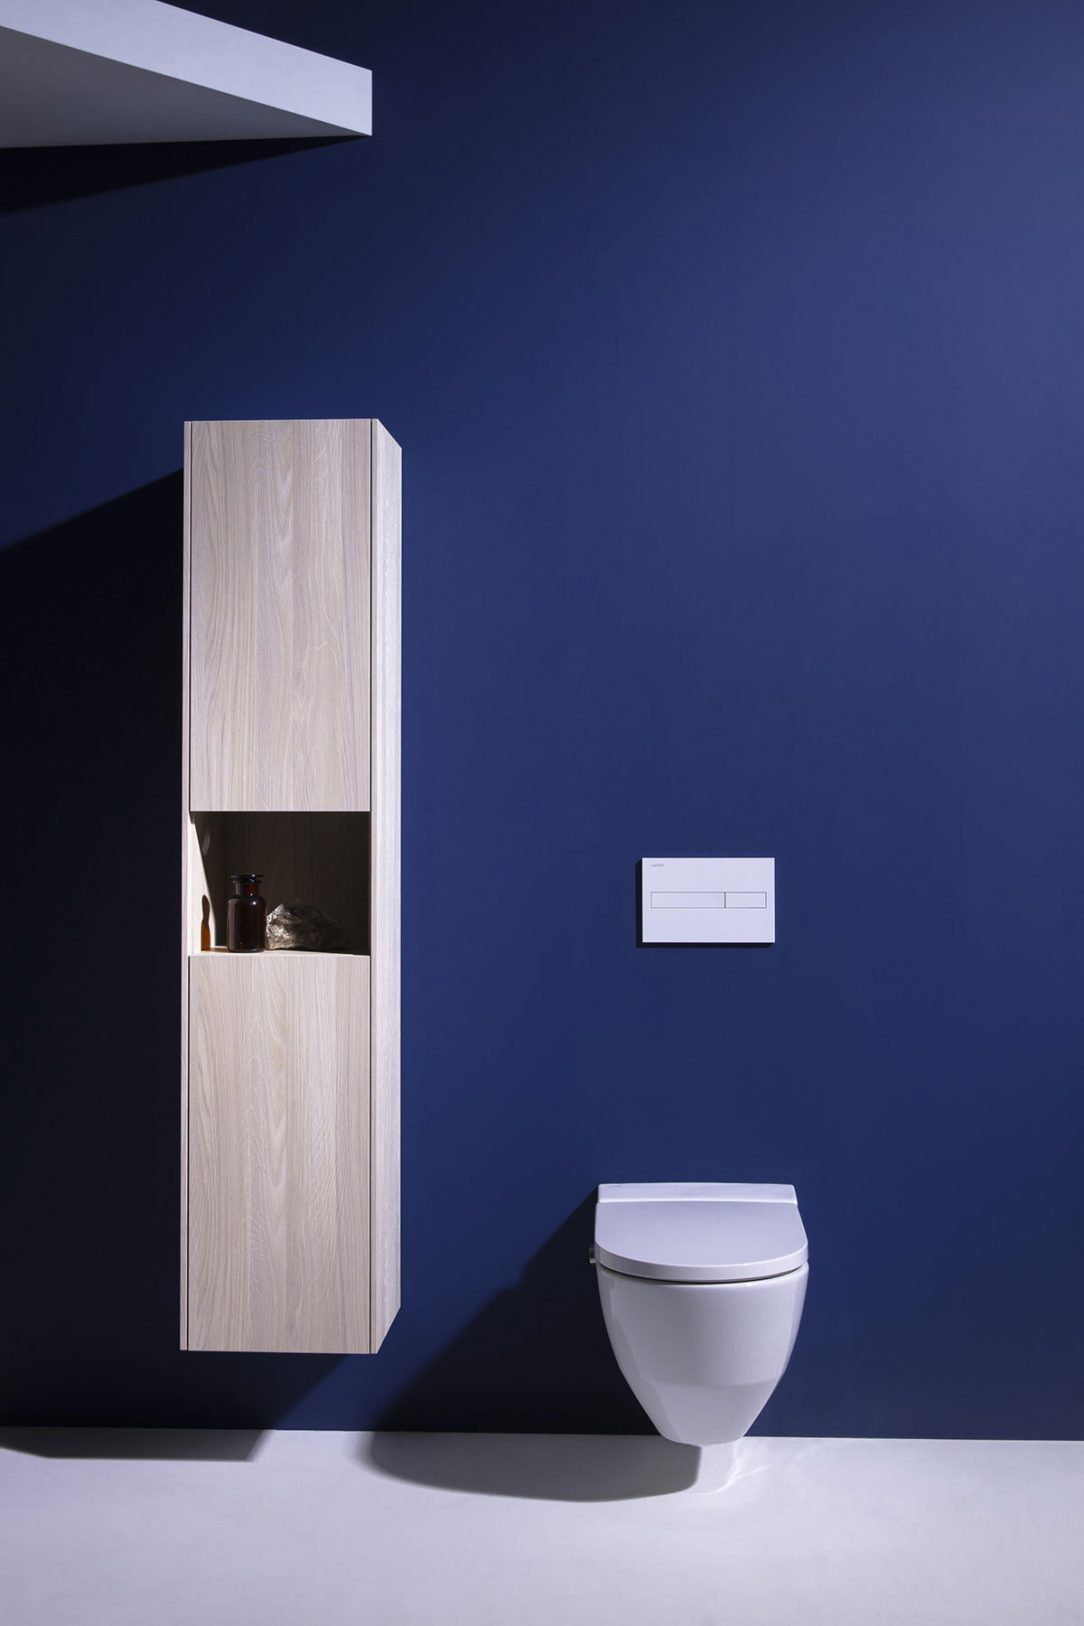 Minimalistický design se hodí do jakékoli koupelny a toaleta je k nerozeznání od běžné